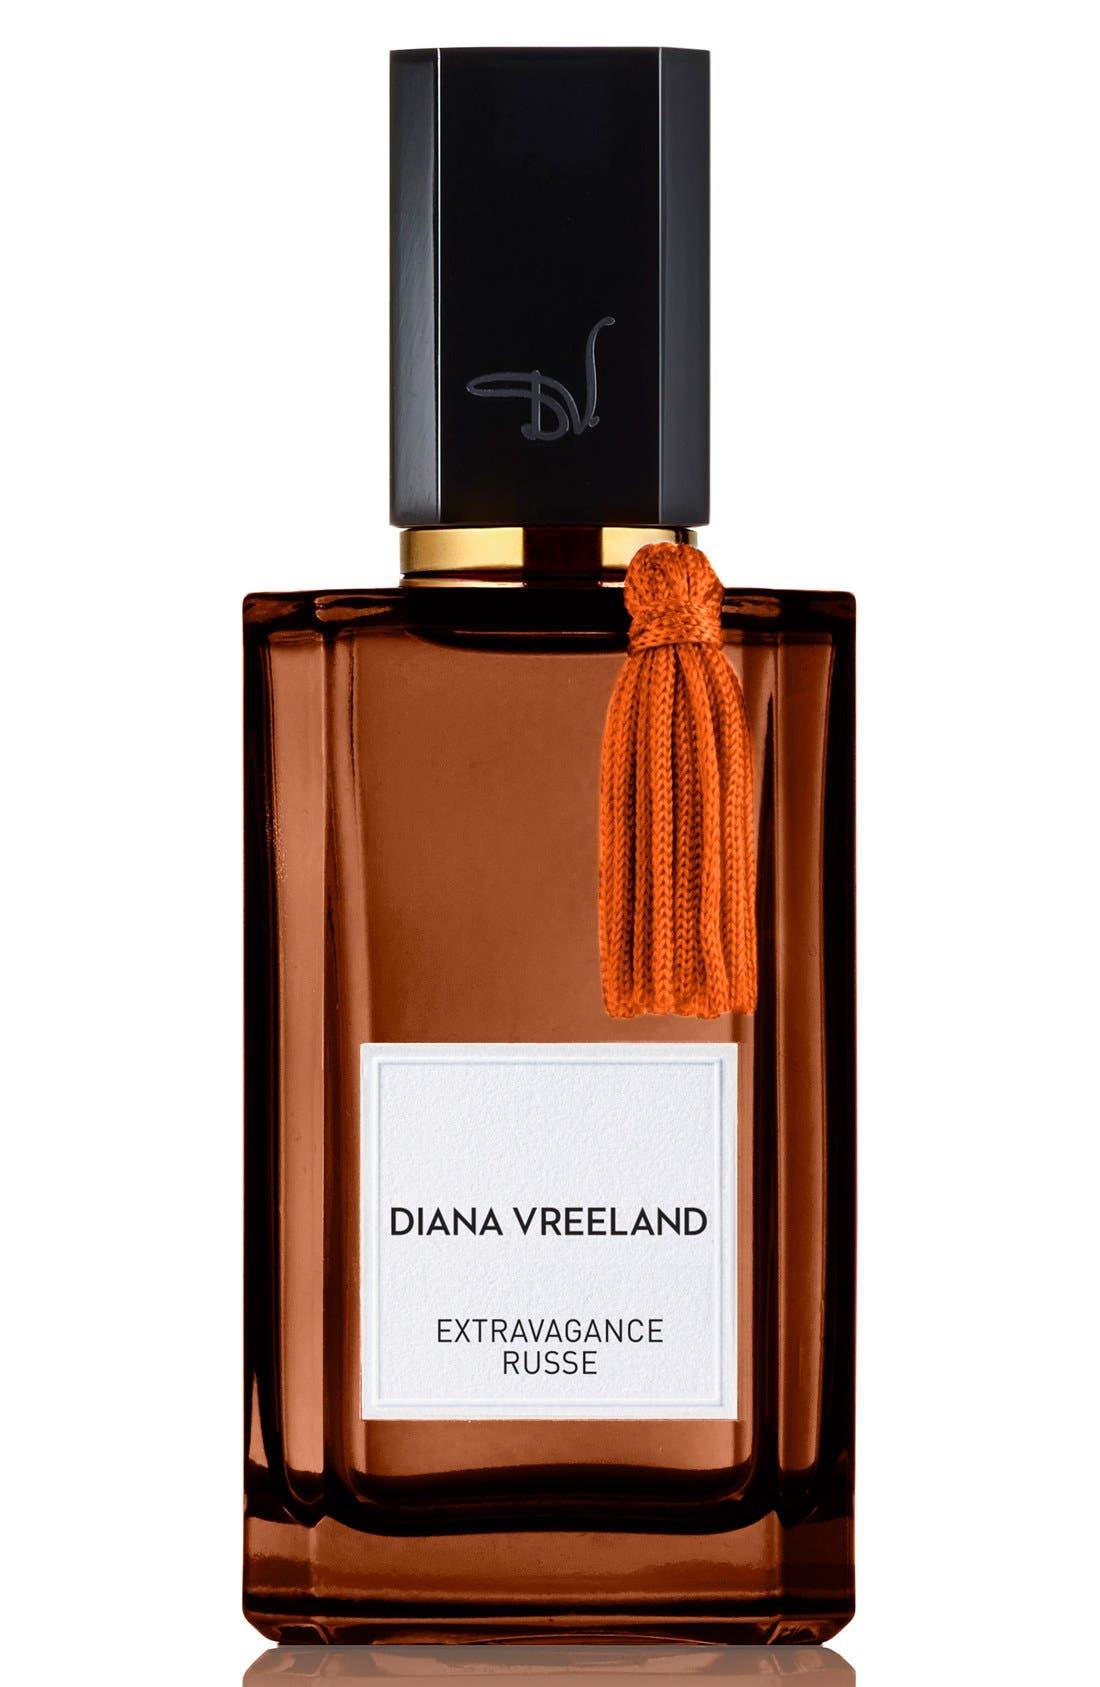 Diana Vreeland 'Extravagance Russe' Eau de Parfum